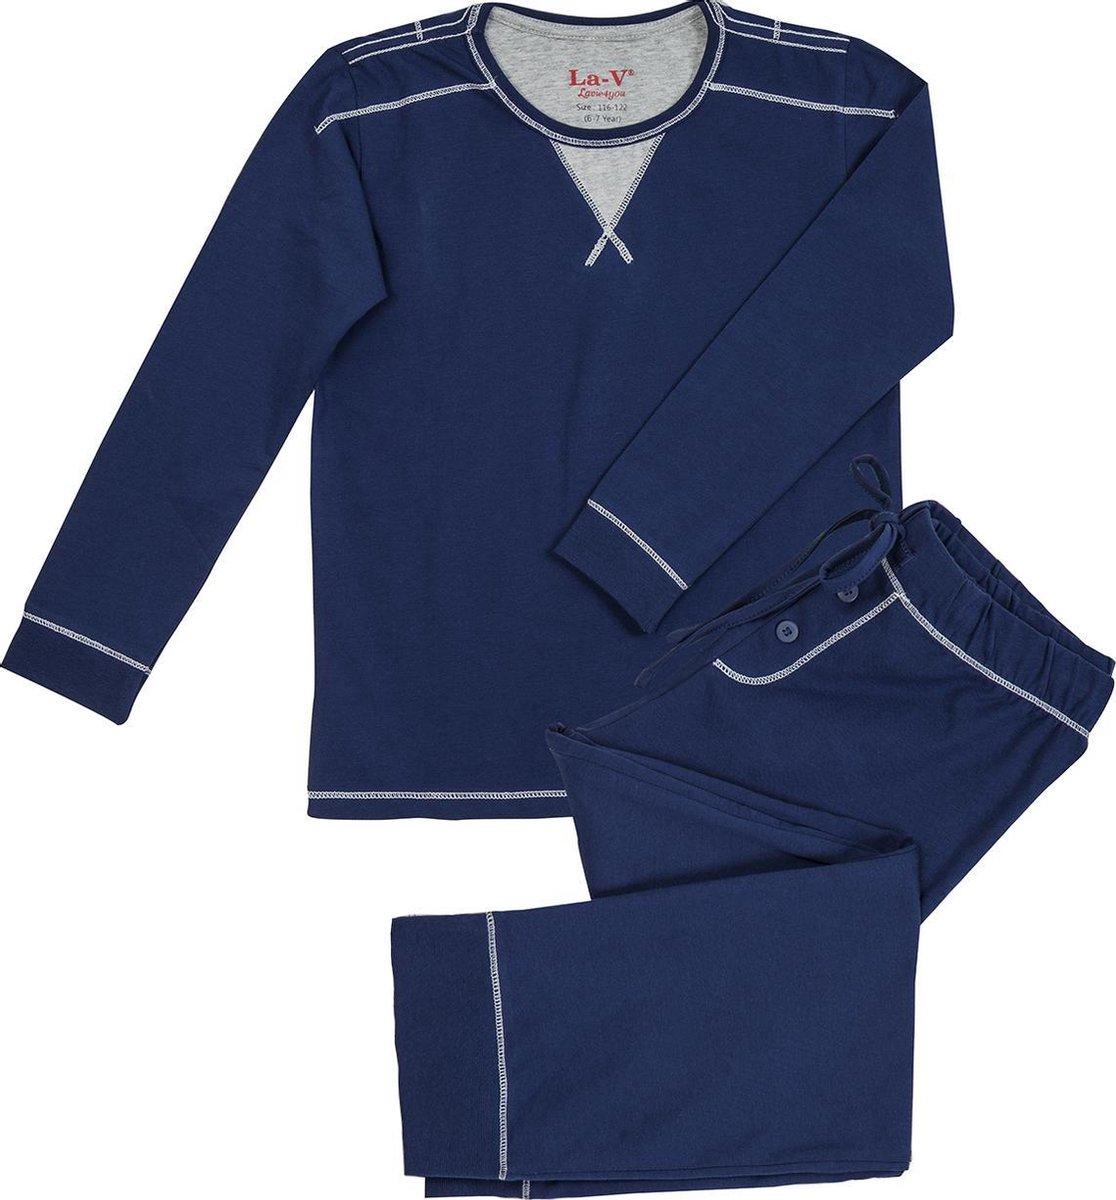 La V pyjamaset voor jongens donkerblauw 140-146